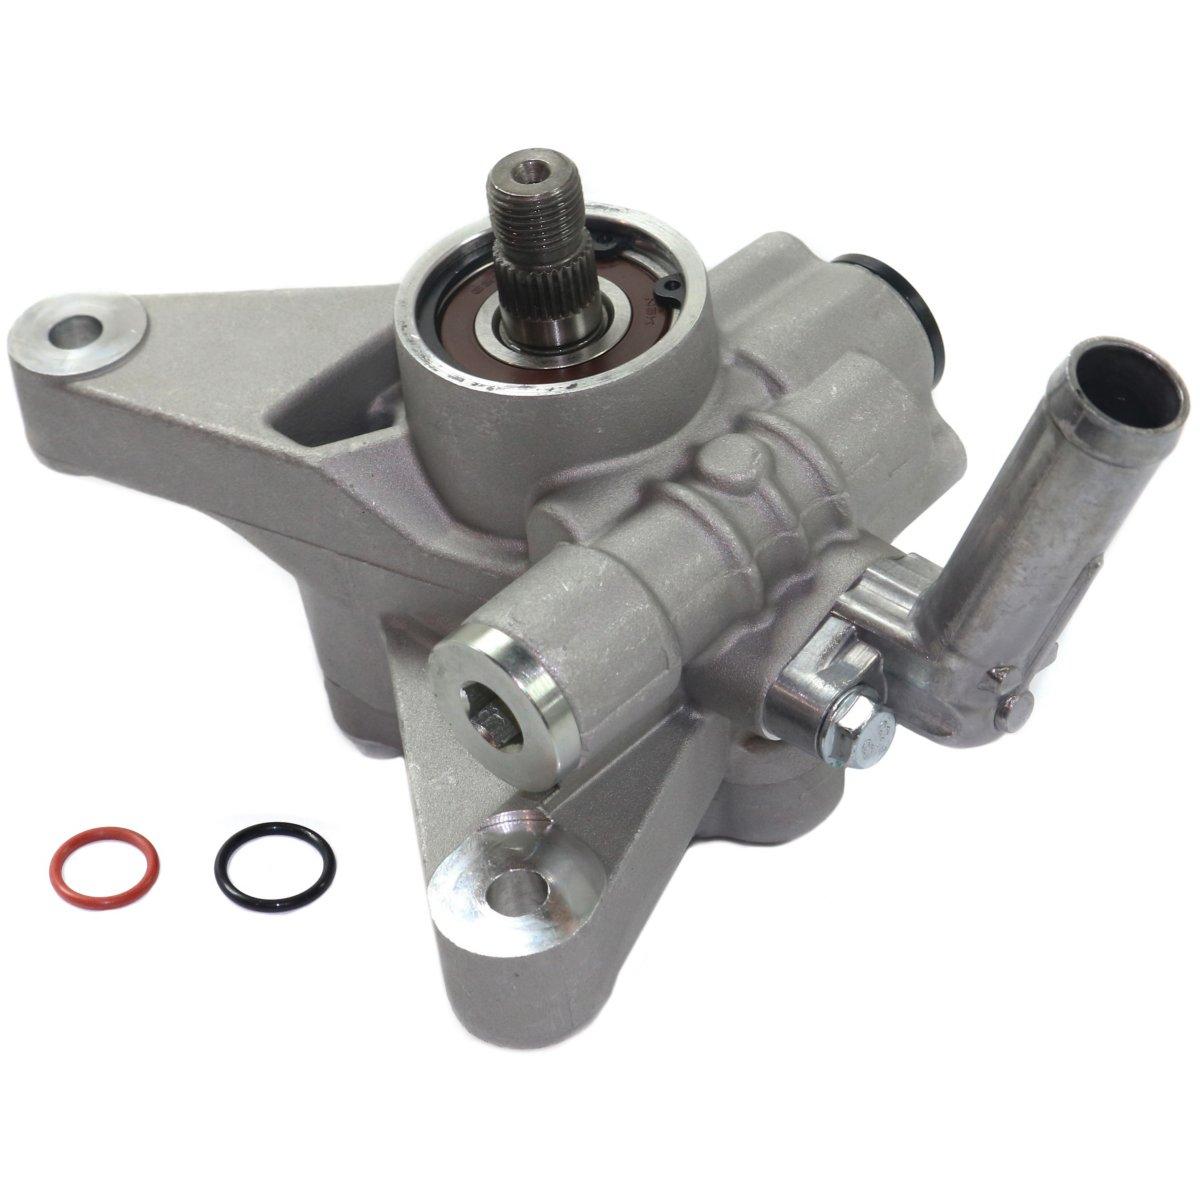 New Power Steering Pump Acura MDX Honda Pilot CL TL 2004